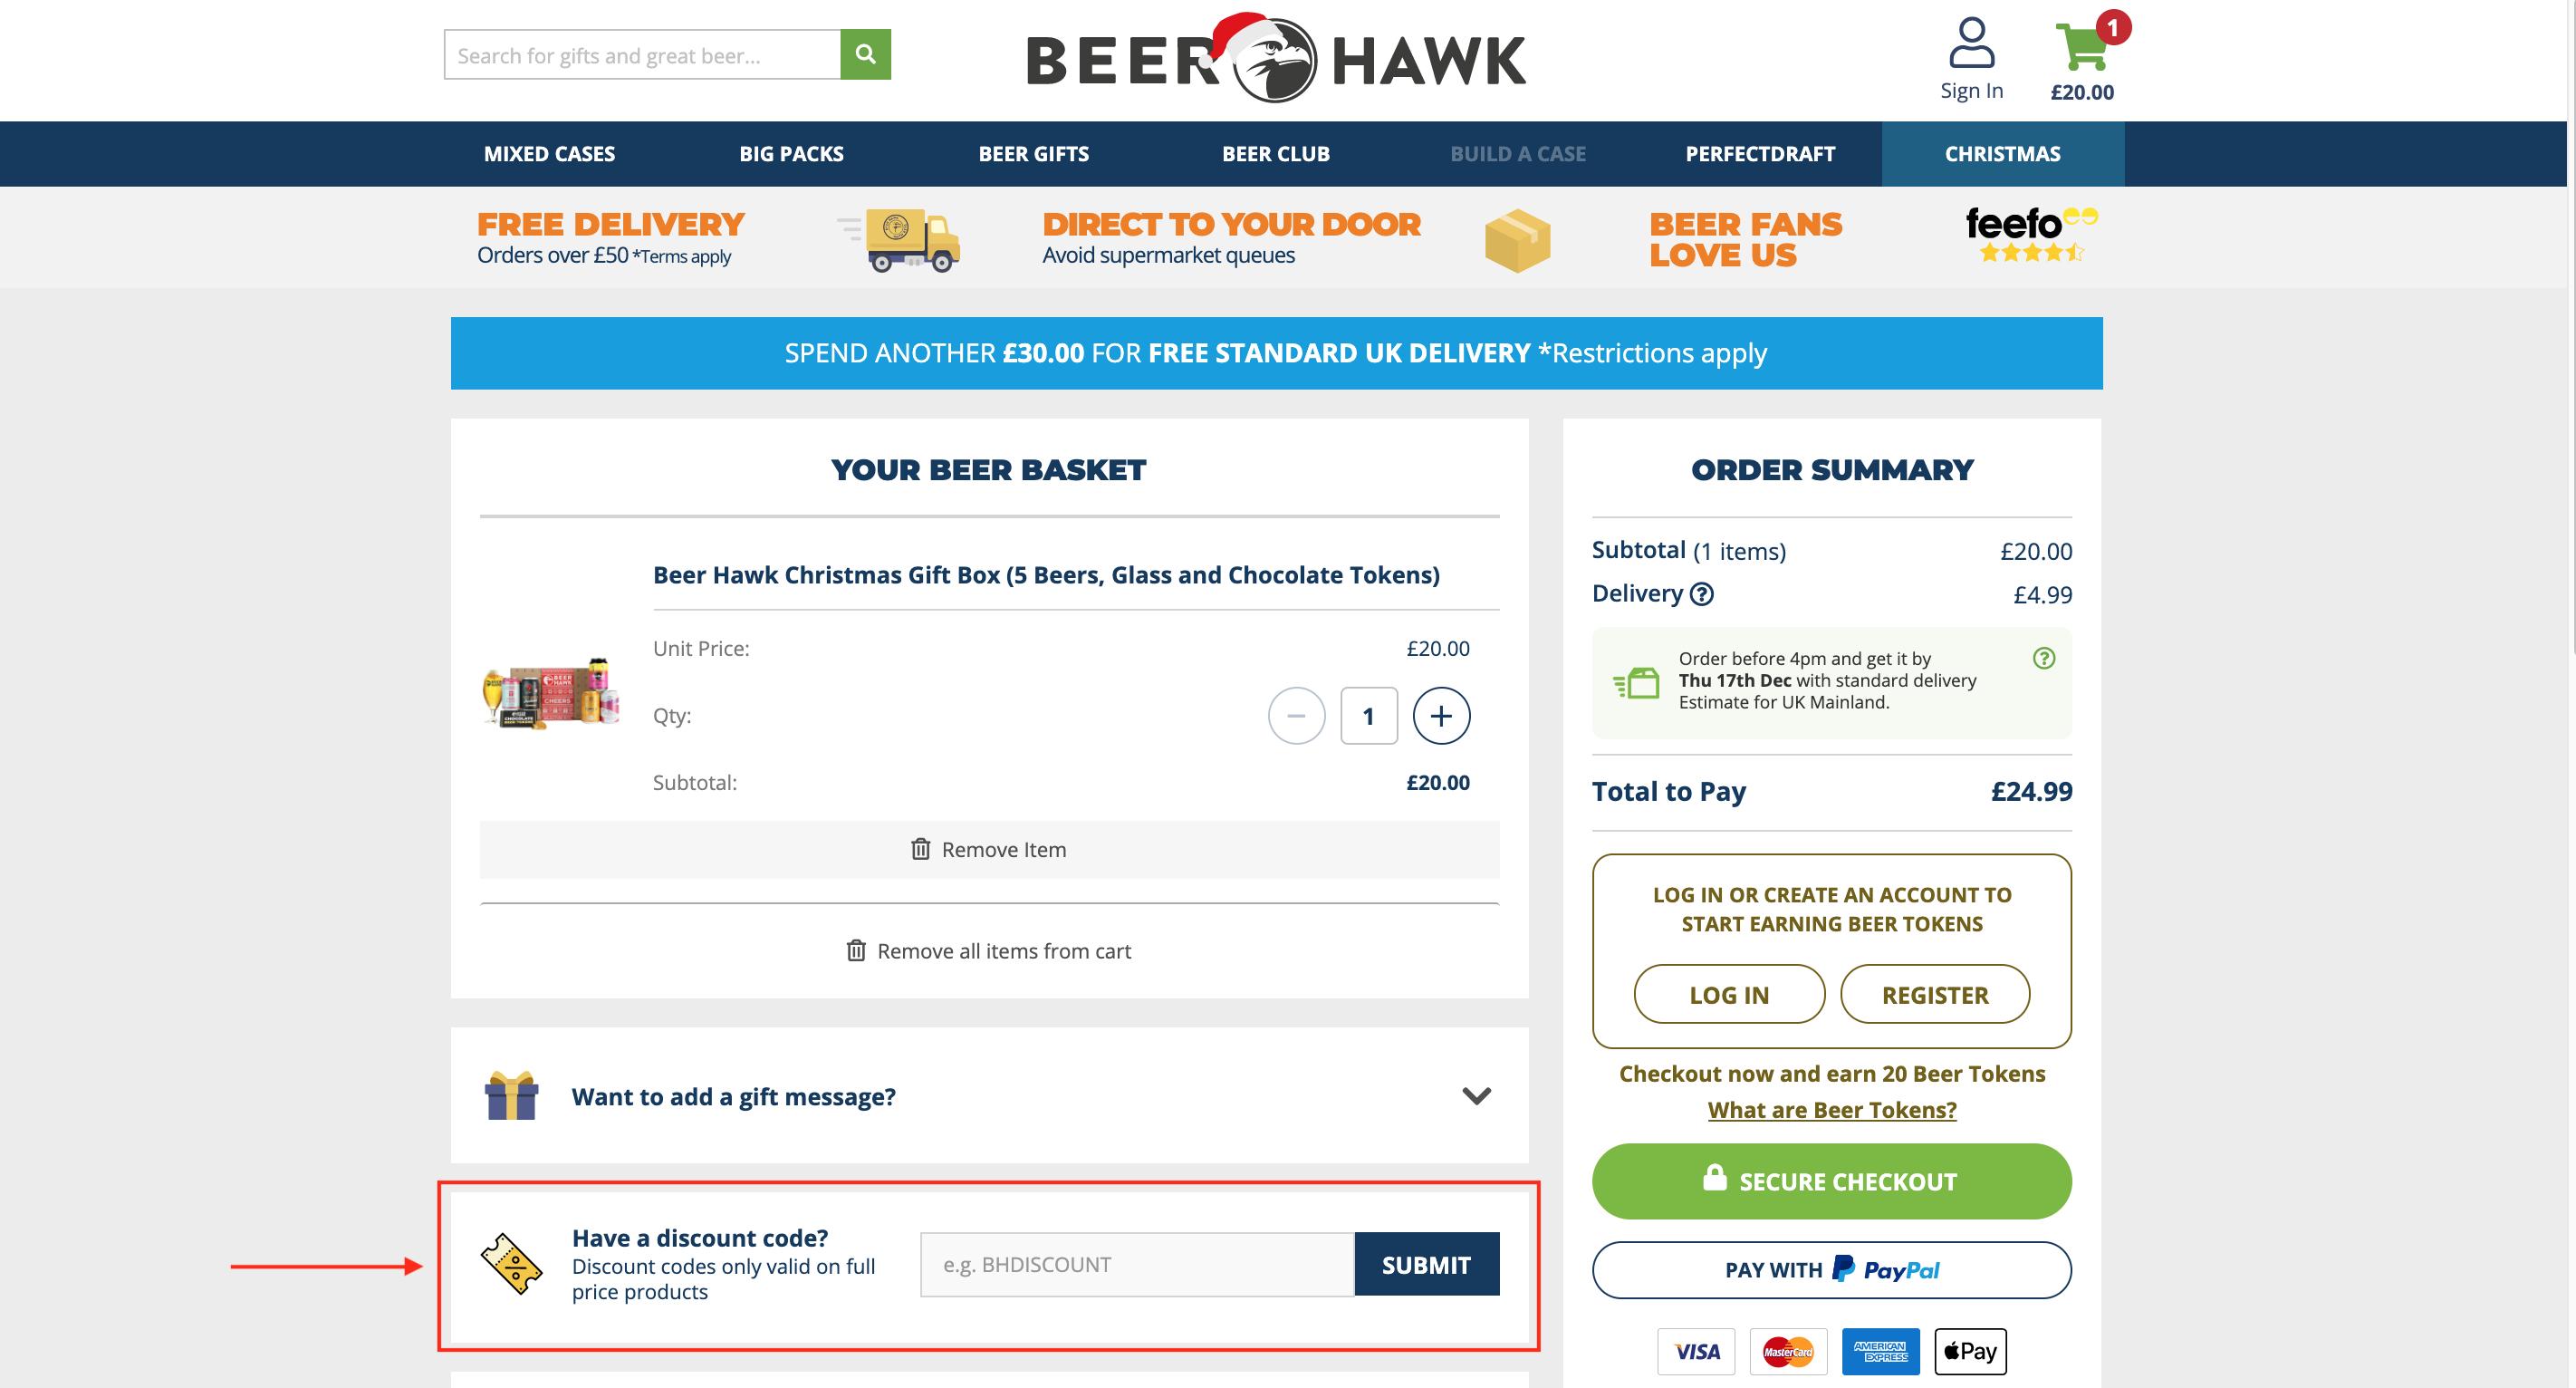 beer hawk-voucher_redemption-how-to